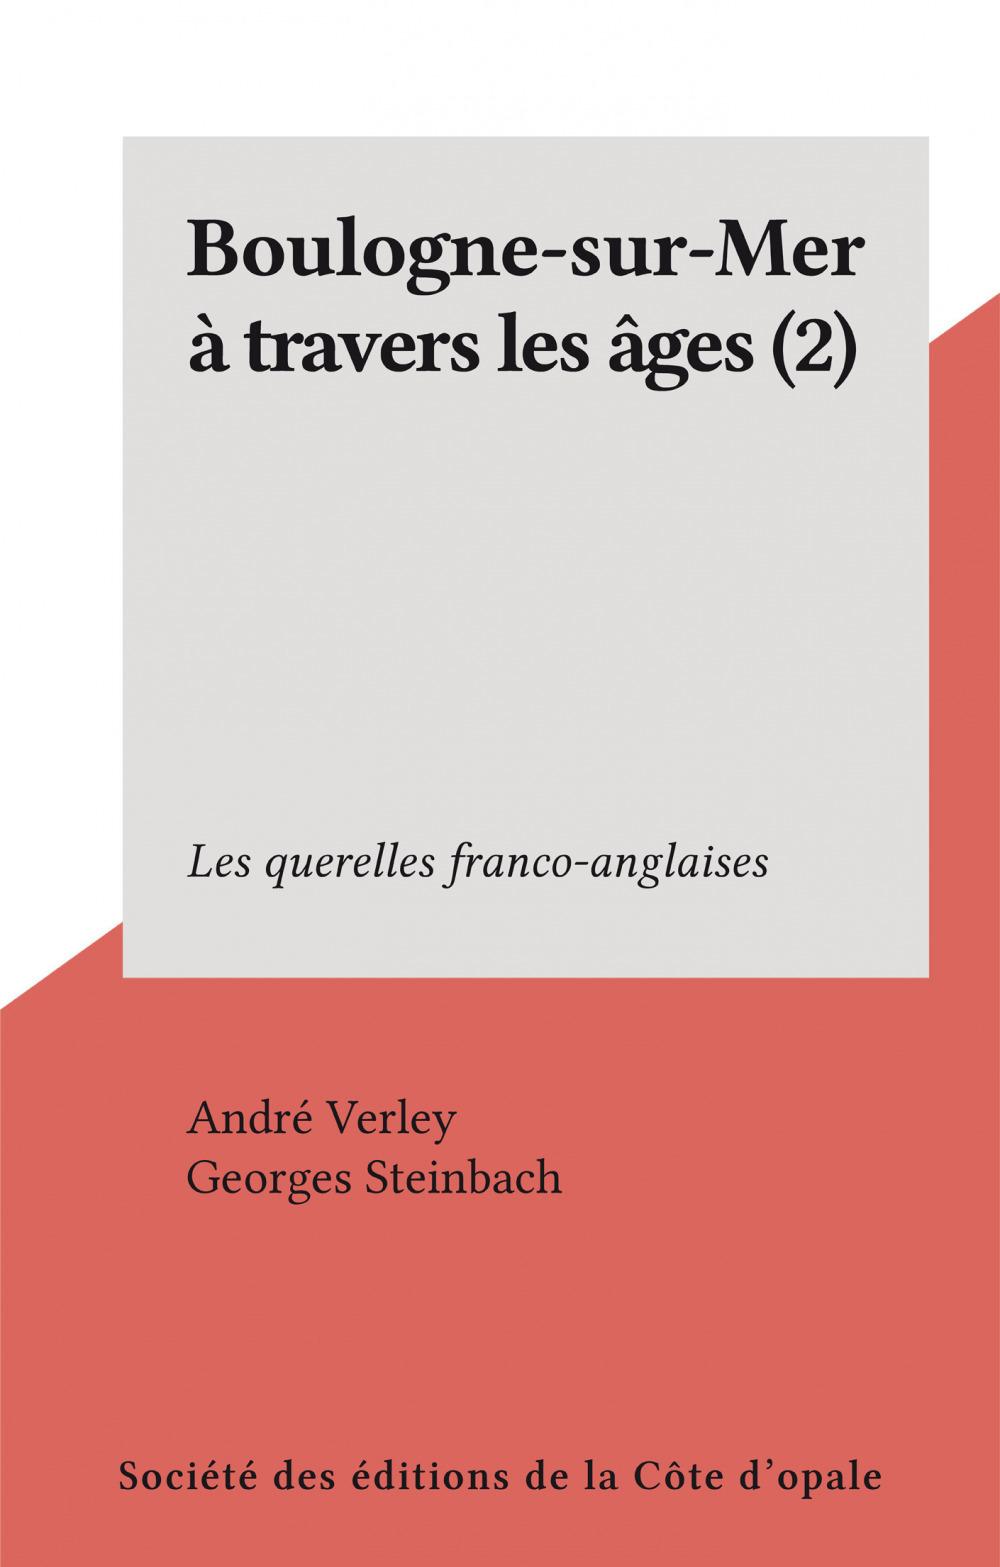 Boulogne-sur-Mer à travers les âges (2)  - Andre Verley